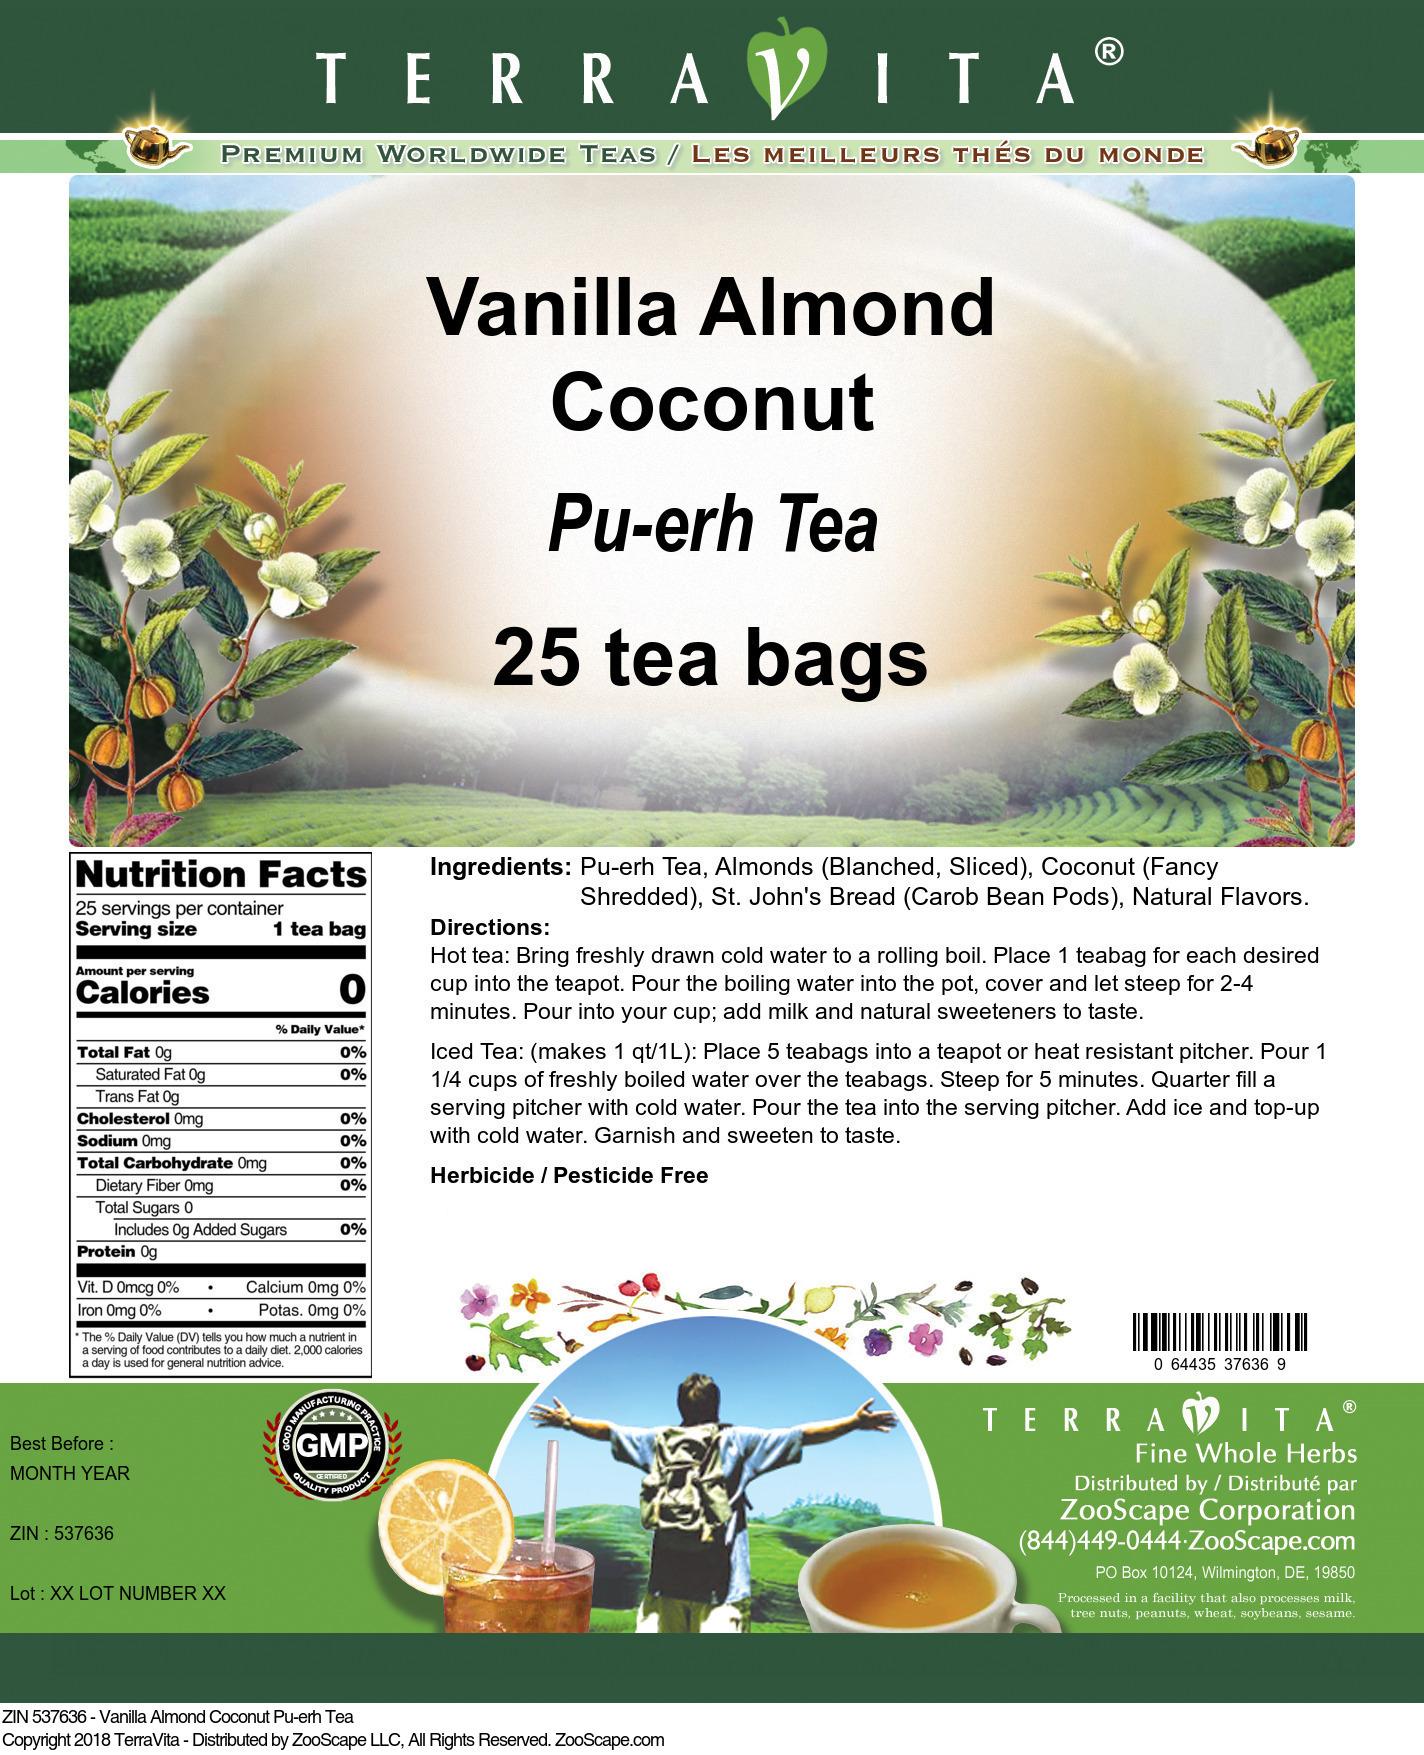 Vanilla Almond Coconut Pu-erh Tea